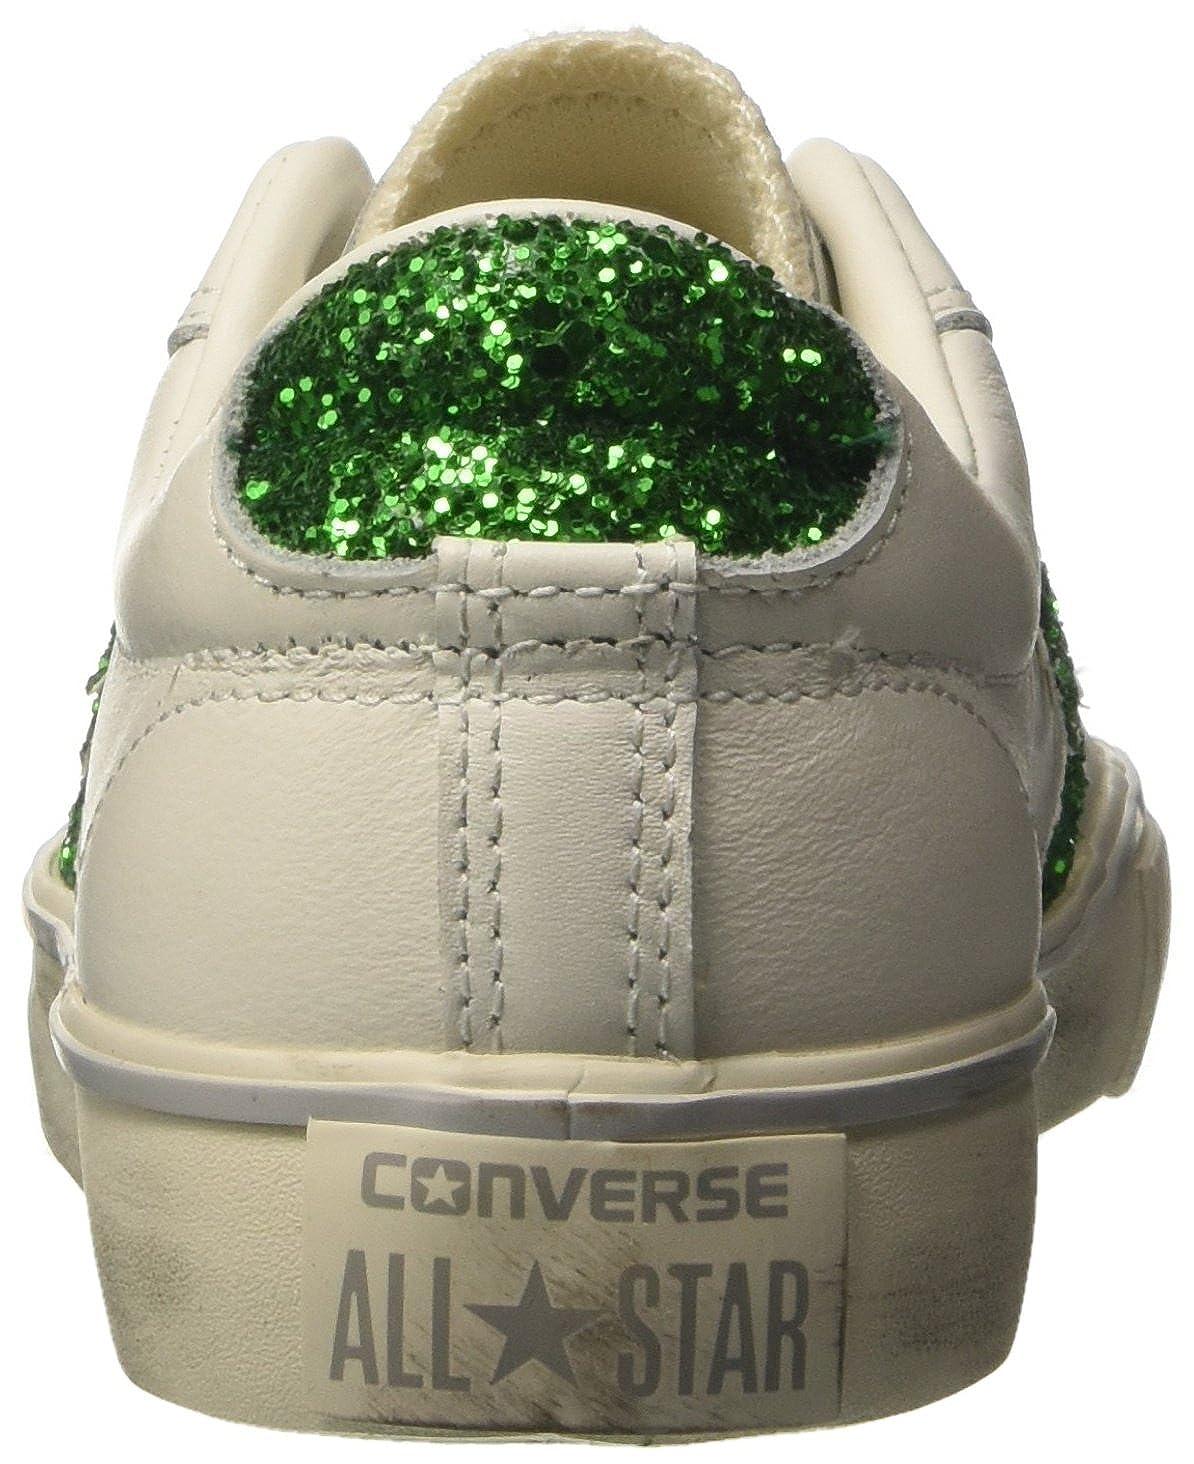 Converse Damen Pro Leather VULC Distressed OX Sneakers, Weiß (Star WhiteEmeraldTurtledove), 40 EU